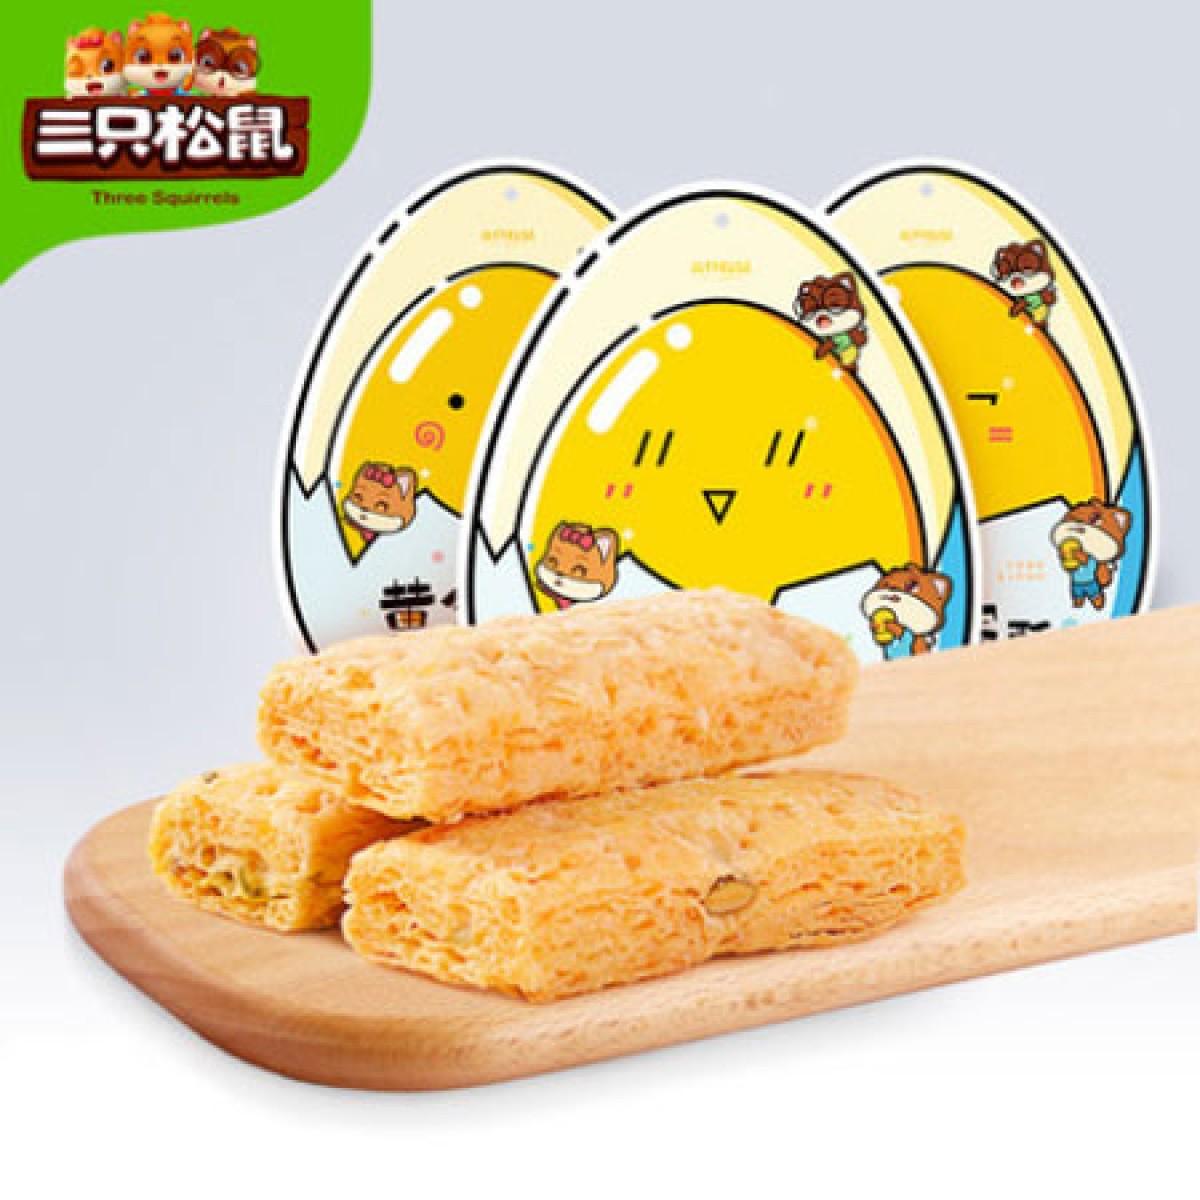 【三隻松鼠_黃金小蛋酥】好吃的零食特產傳統小糕點鹹蛋黃酥